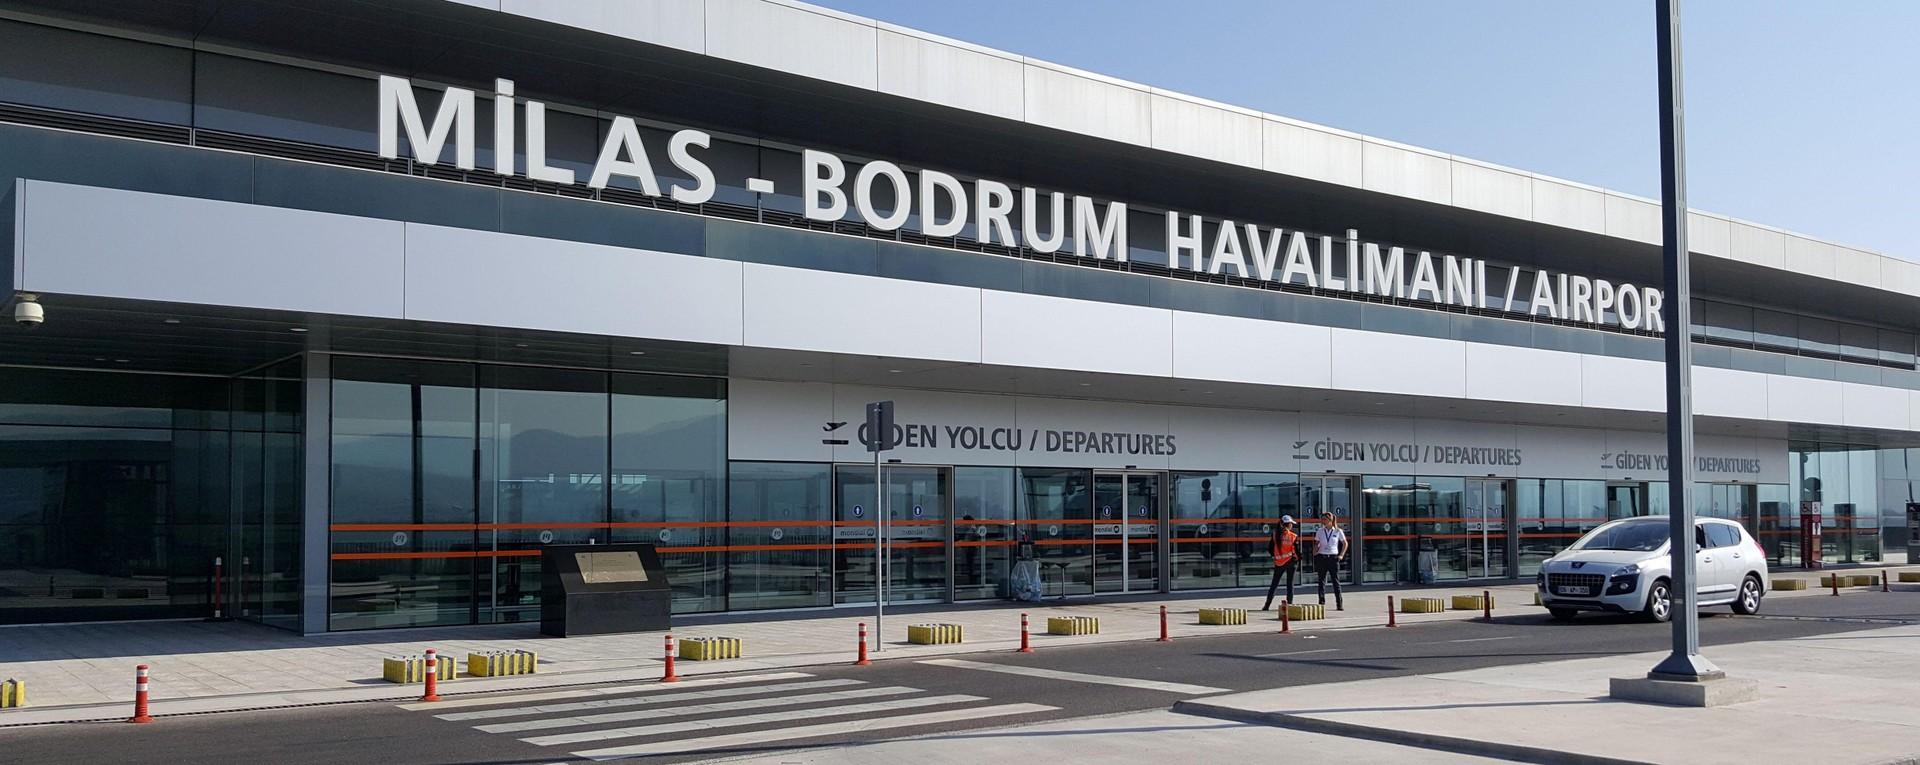 bodrum-airport